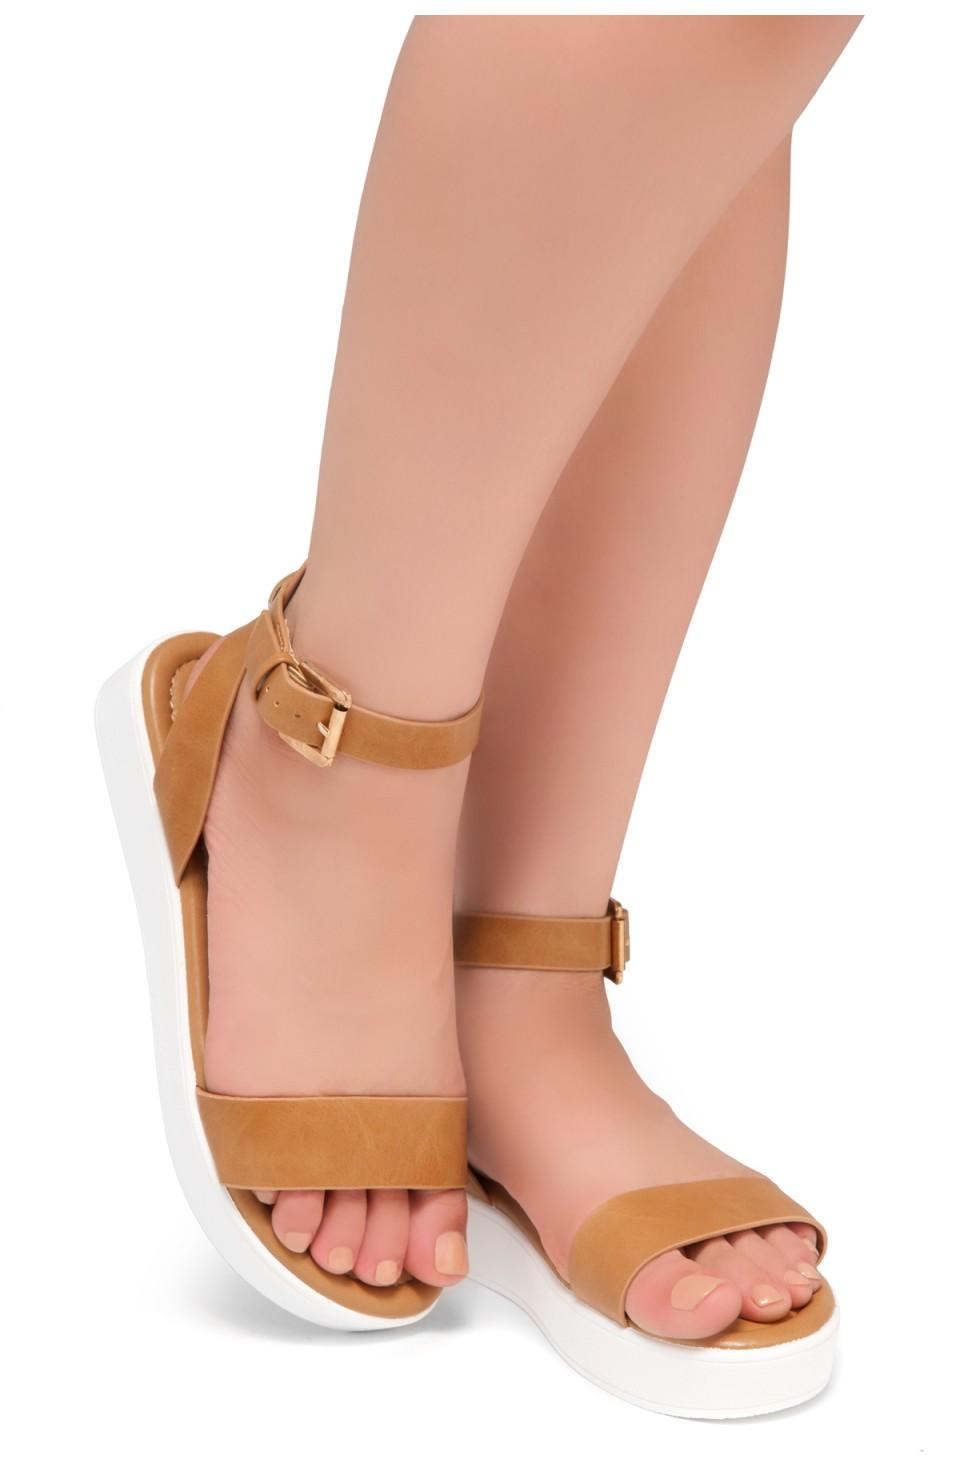 HerStyle Needed Me- Ankle Strap Flat Platform Sandal (Camel)